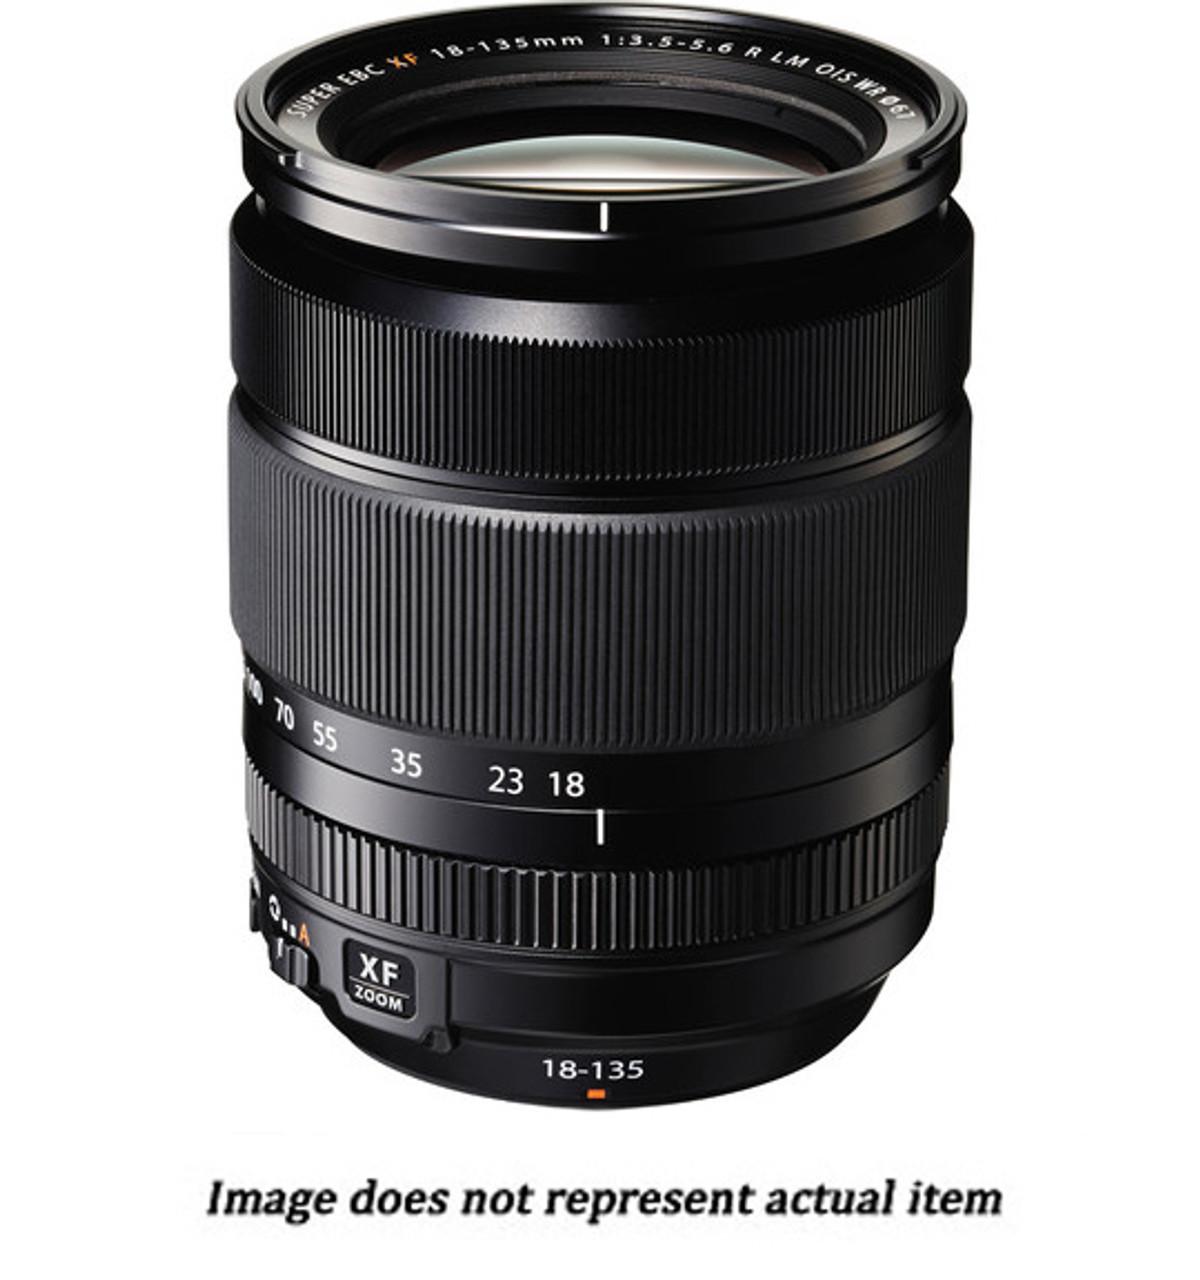 Fujifilm XF 18-135mm f/3.5-5.6 R LM OIS WR (USED) - S/N 4300603